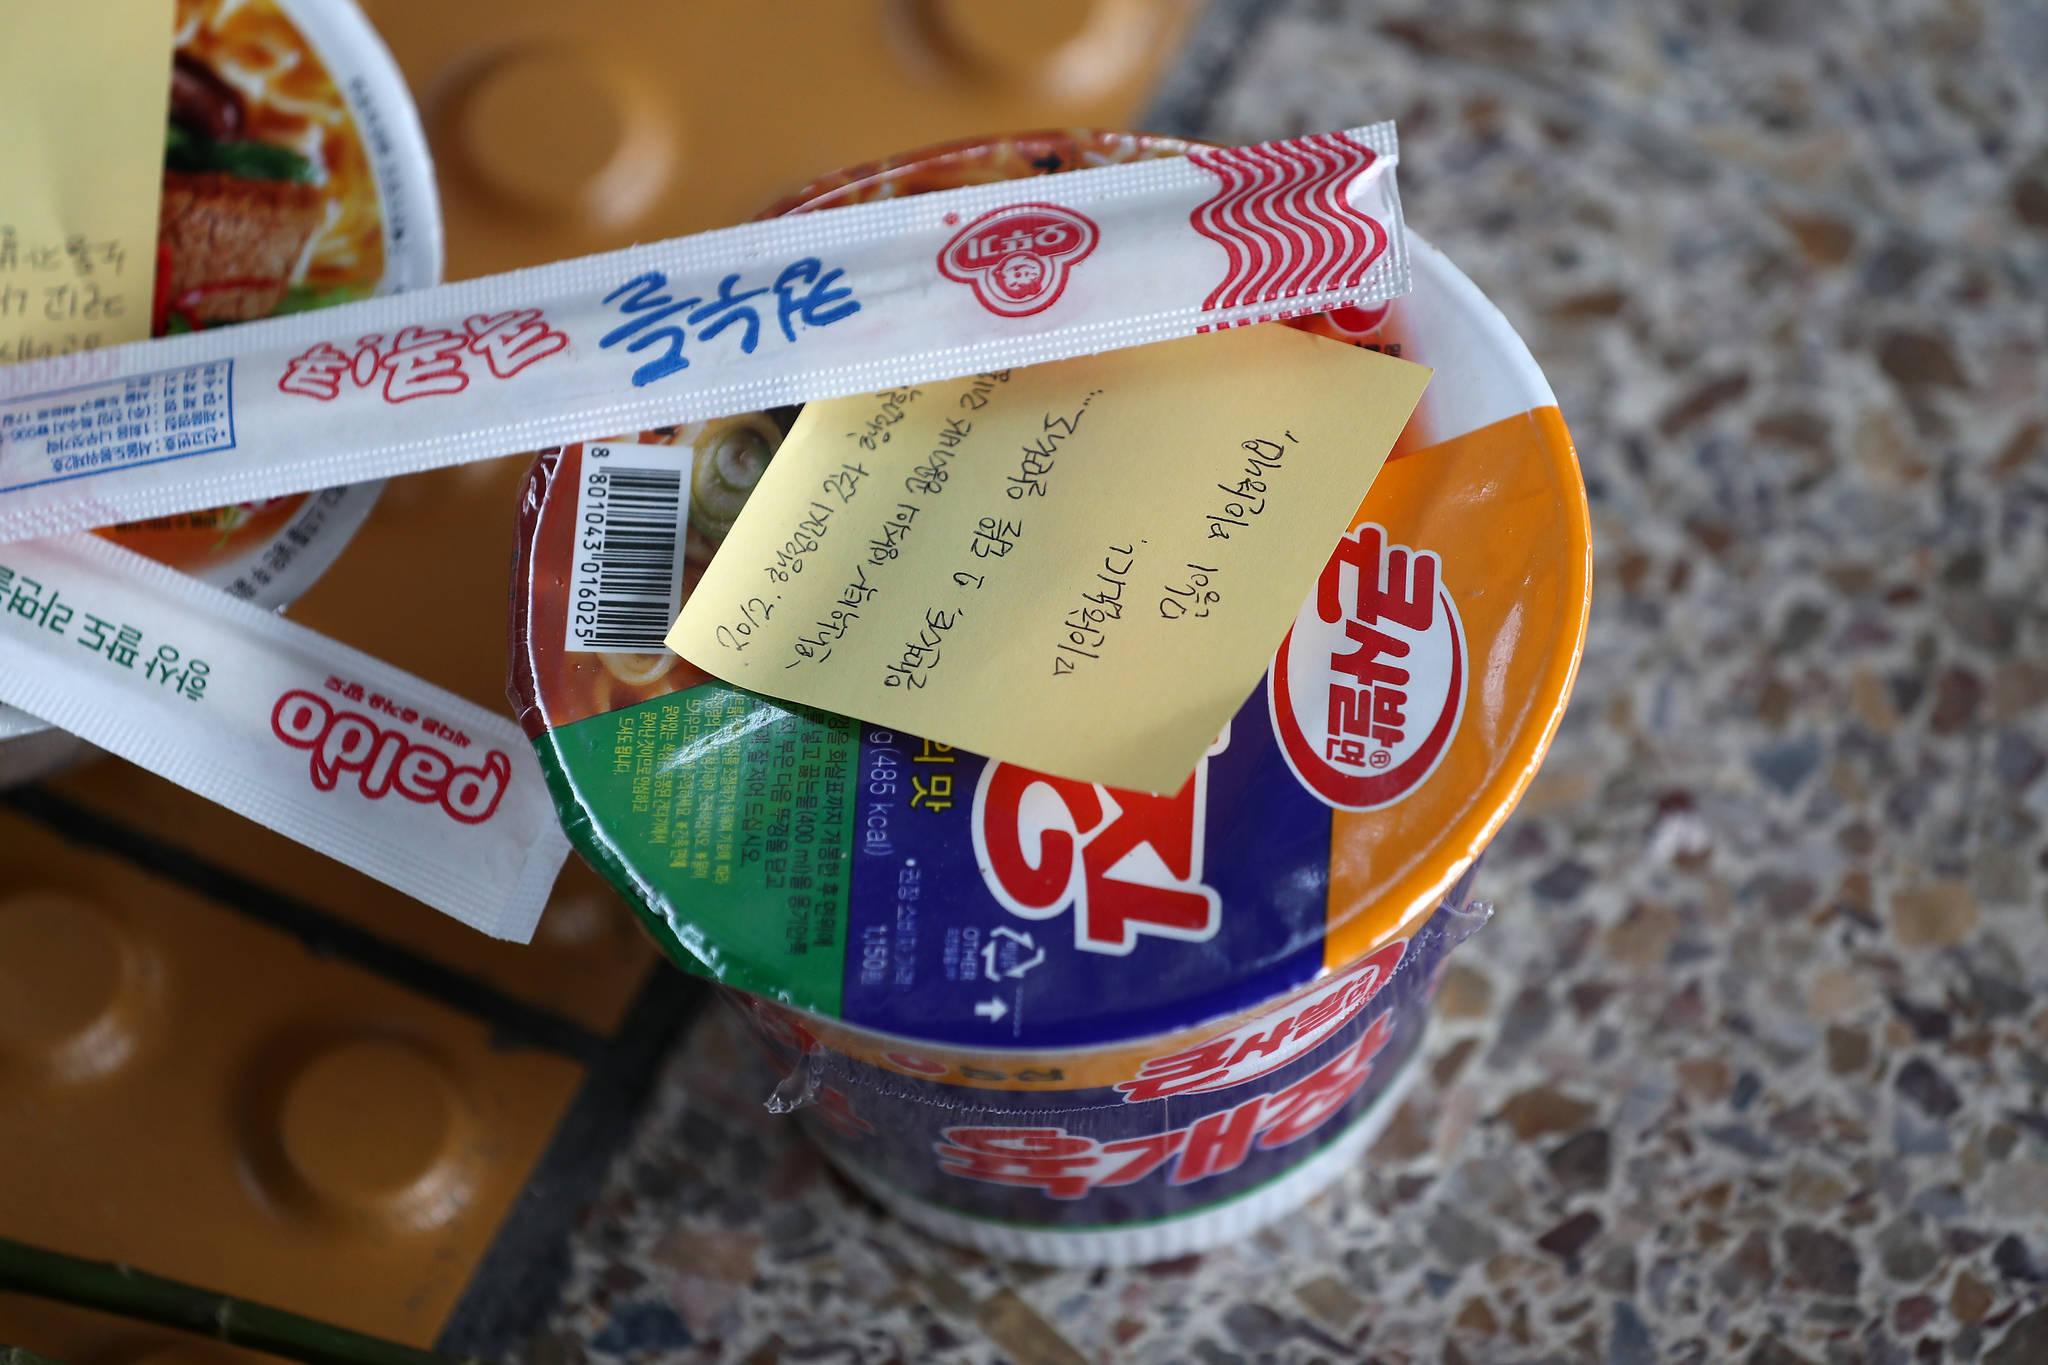 사고 승강장에 놓여진 컵라면과 추모 메세지. 당시 밥 한끼 마음 편히 먹지 못하고 시간에 쫓겨 일했던 김 씨의 가방안에서 컵라면과 숟가락 등이 발견됐다.